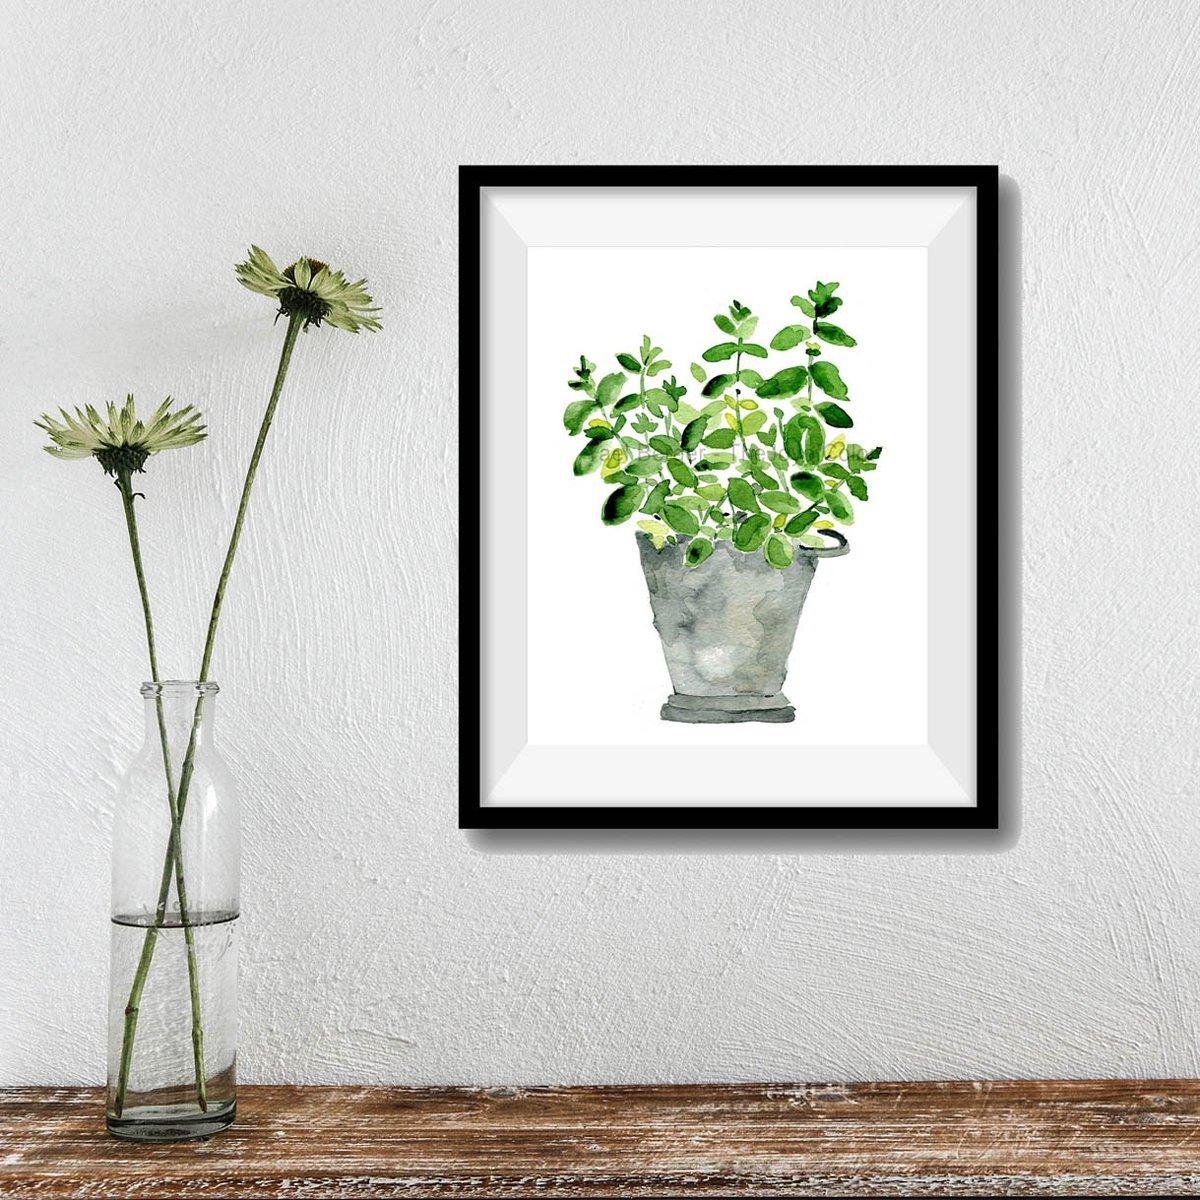 Like it green ? see my mint plant art print   https://www. etsy.com/listing/126986 817/mint-plant-art-print-mint-in-a-tin?ref=pr_shop &nbsp; …  #artwork #kitchen #Foodie #green #mint #kitchenart #shopsmall<br>http://pic.twitter.com/DhxOsBx6dt